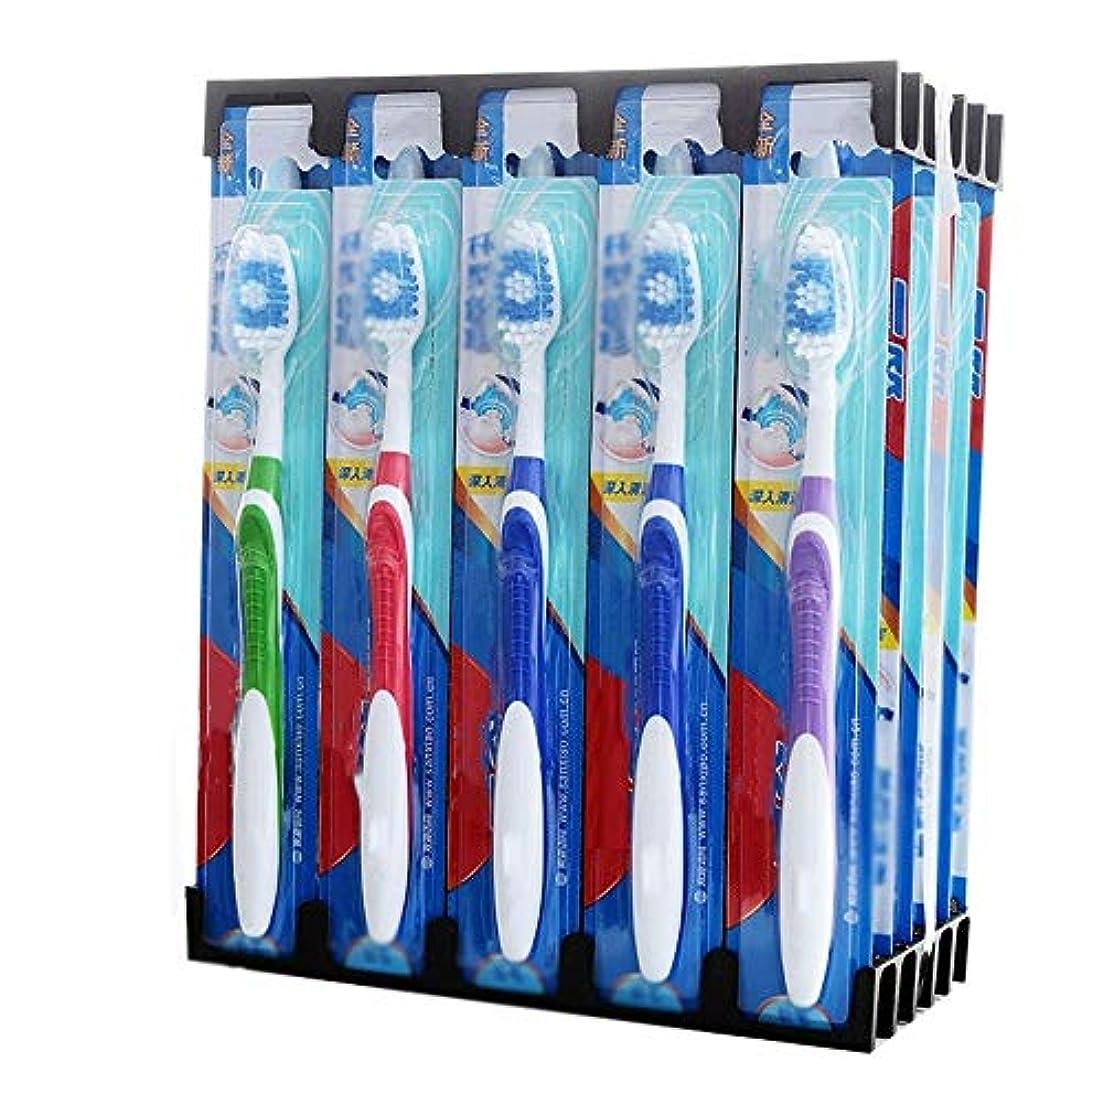 進化するキャンドル屋内歯ブラシ 30本の歯ブラシ、旅行柔らかい歯ブラシ、歯ブラシのバルク極細歯ブラシ - 使用可能なスタイルの3種類 HL (色 : B, サイズ : 30 packs)